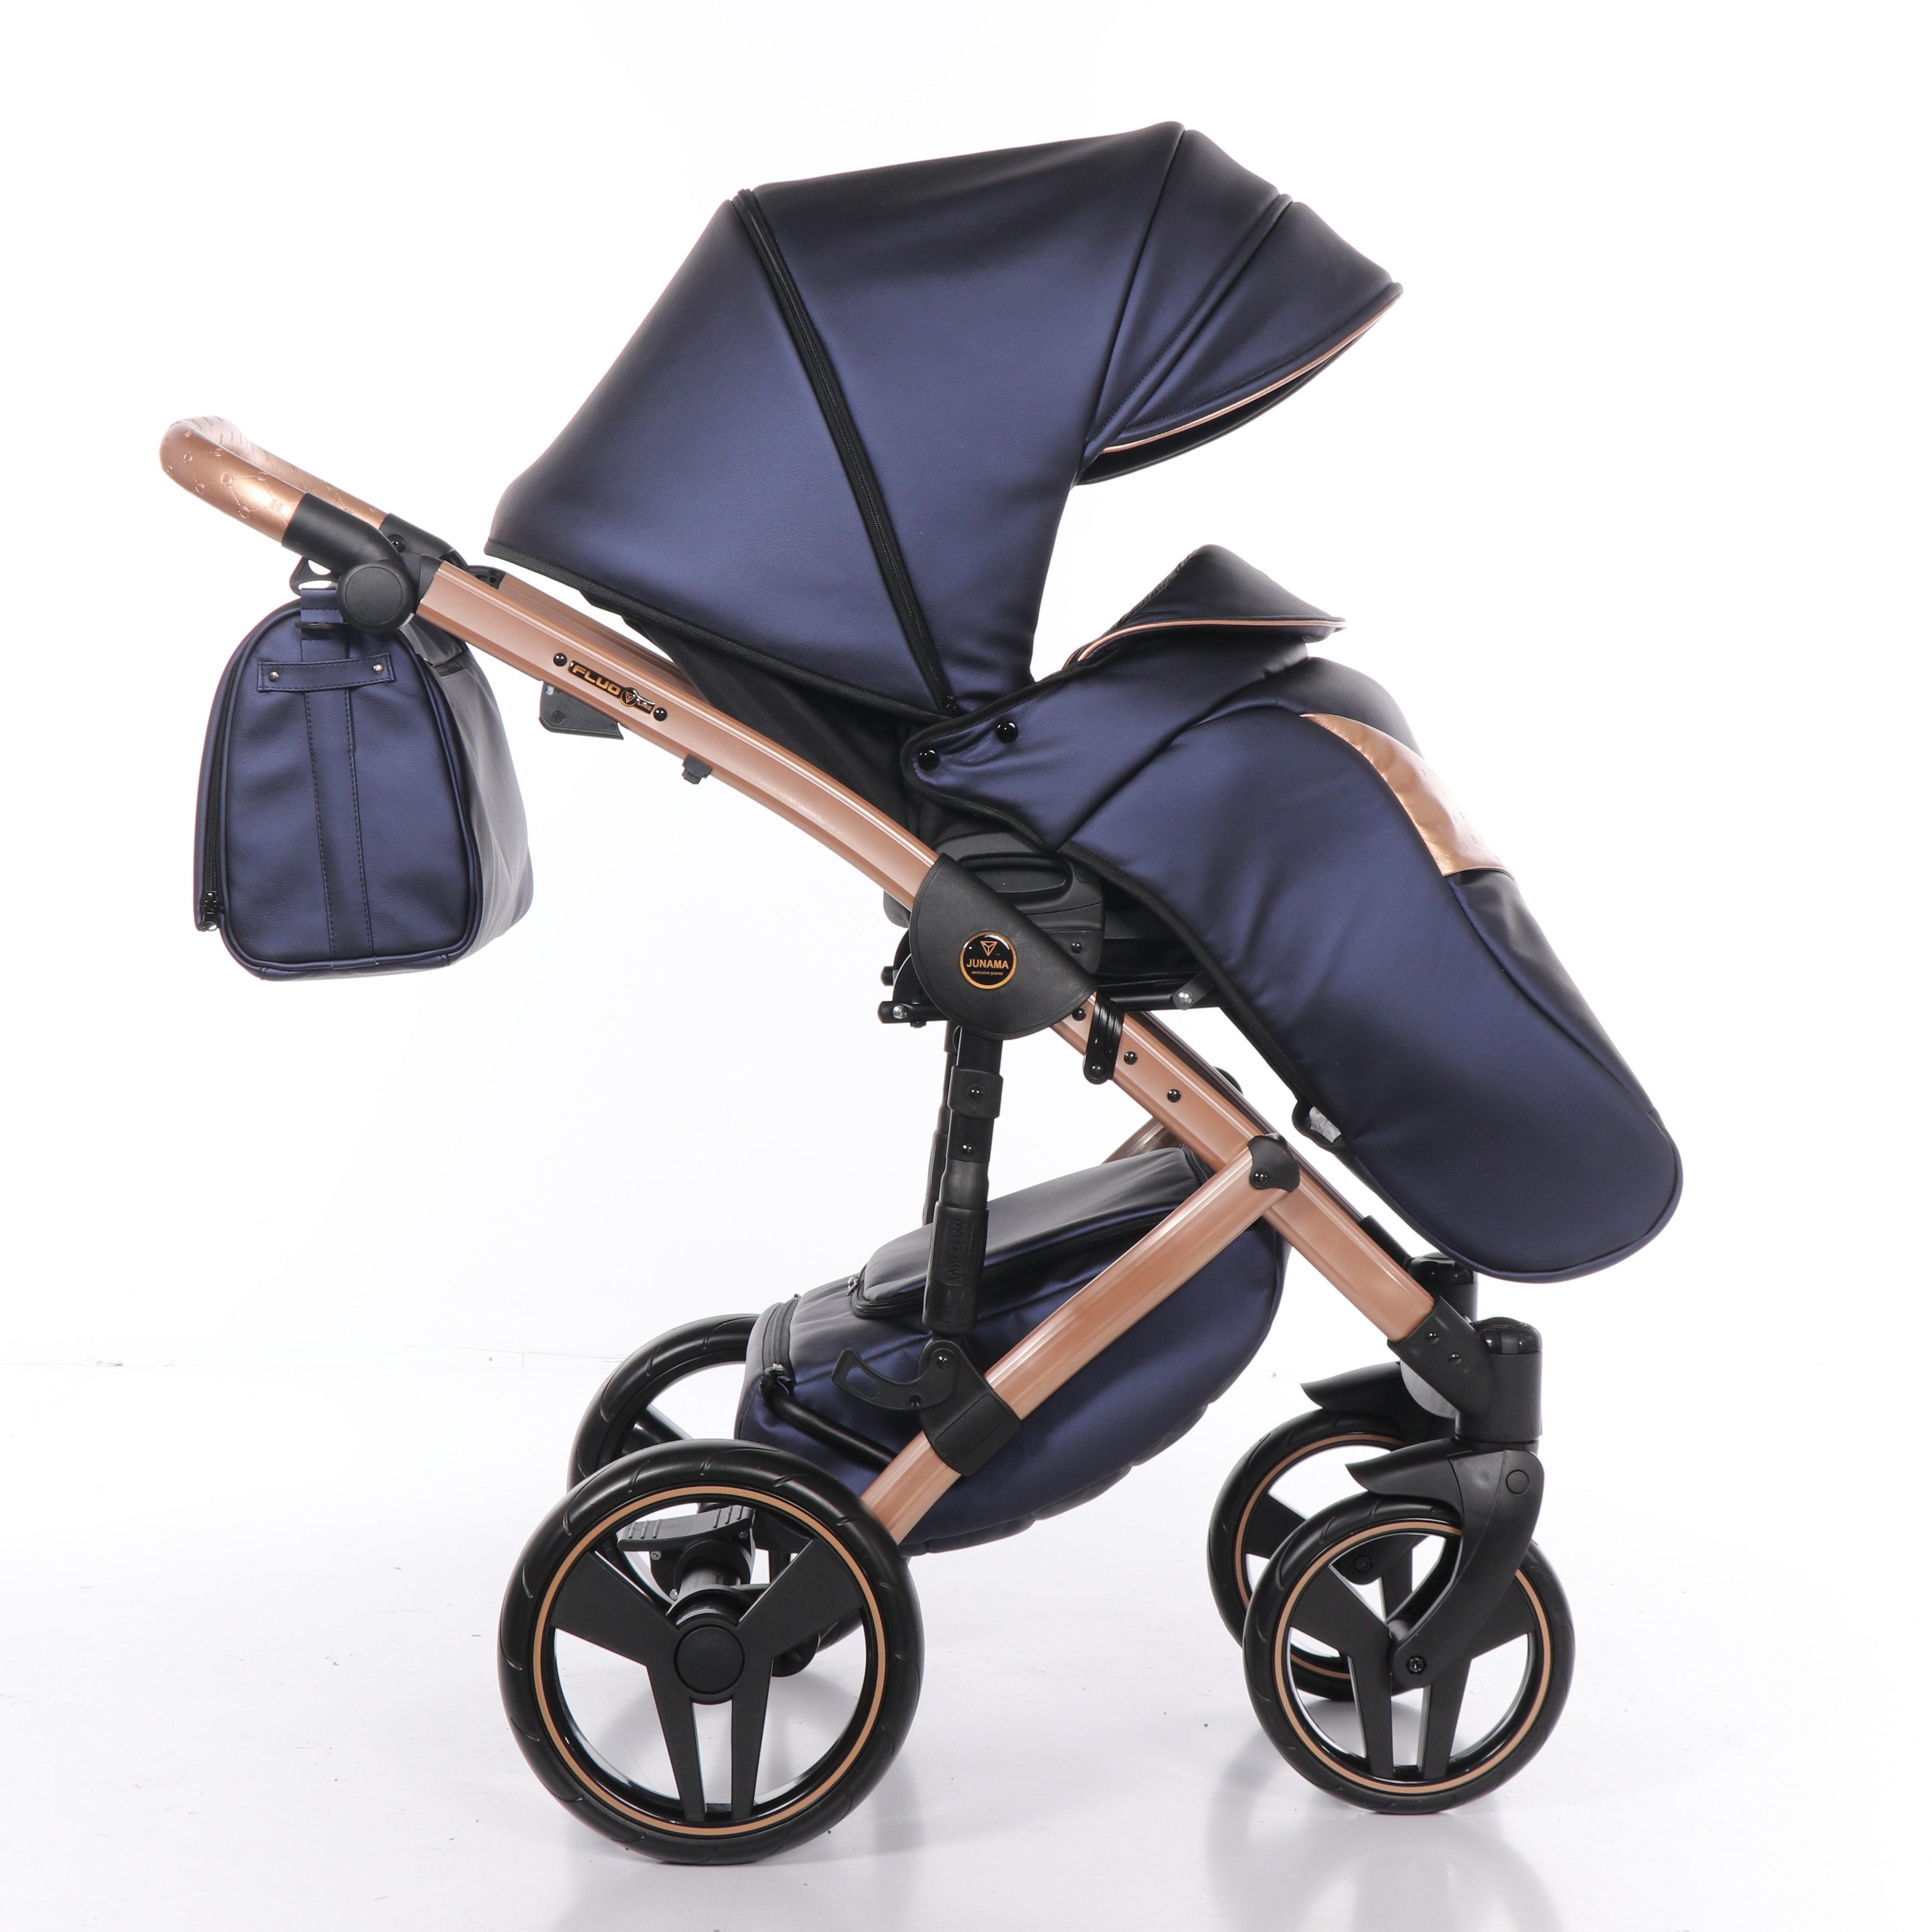 wózek dziecięcy Junama Fluo Line Ii wersja spacerowa